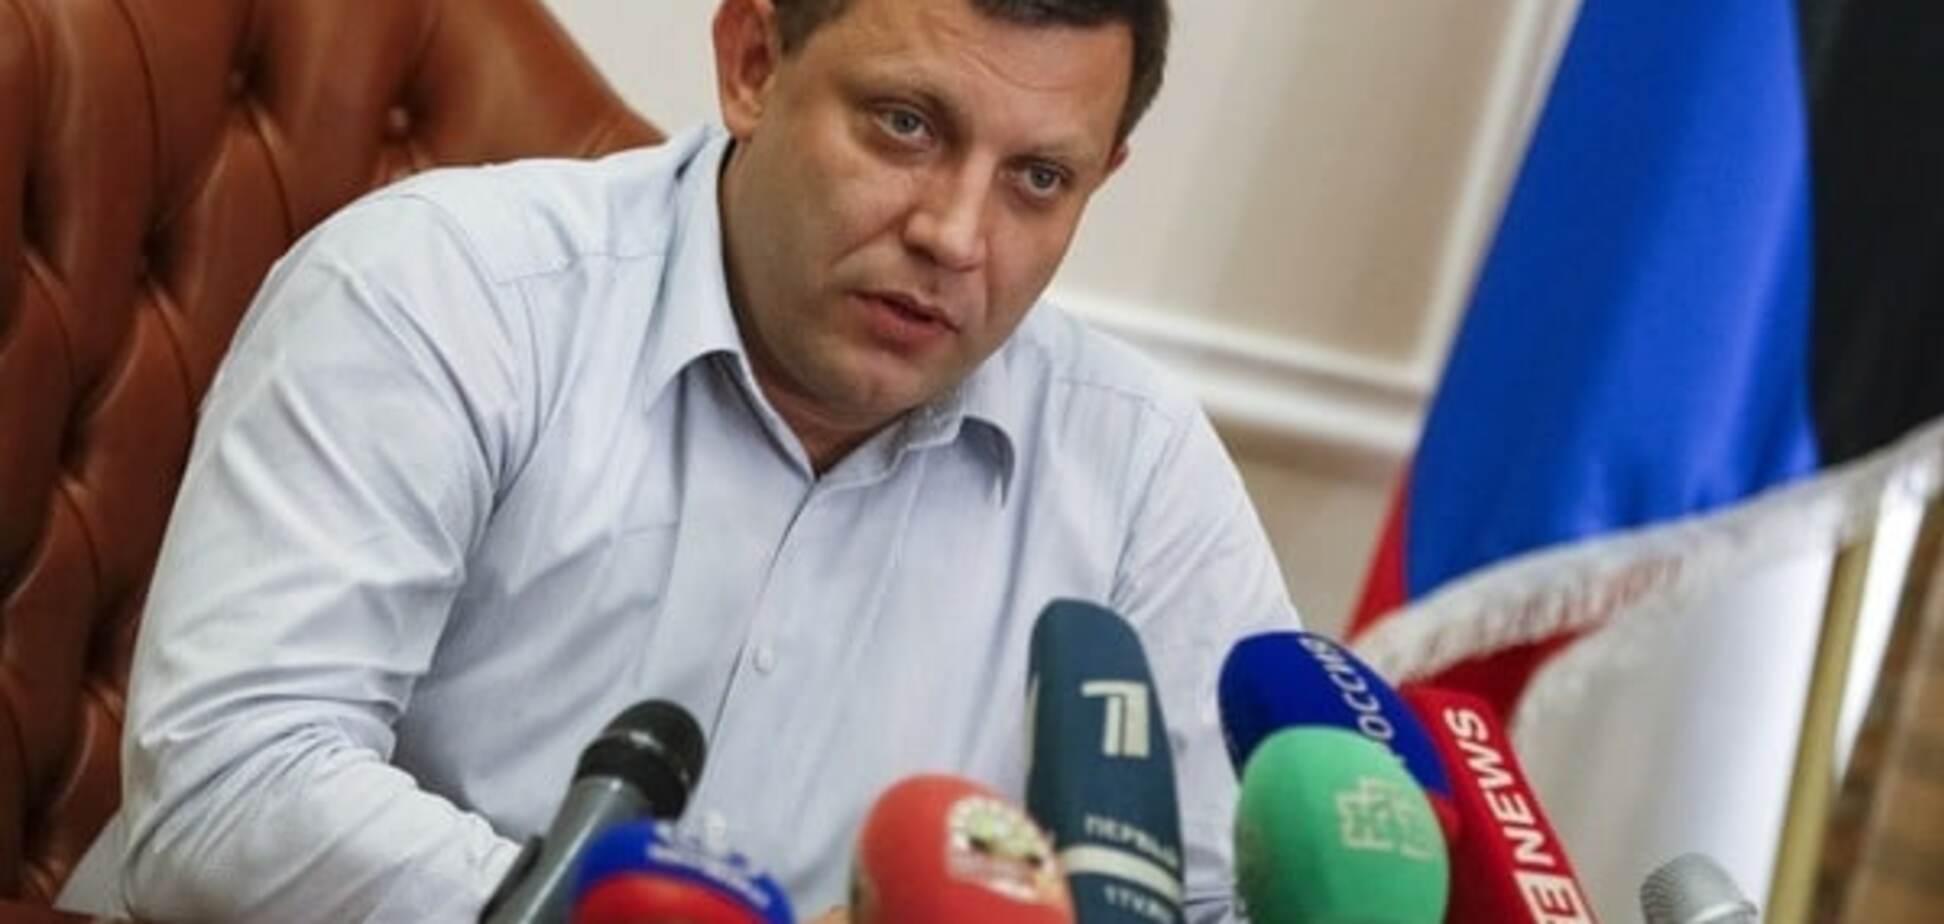 Несподівано: в 'ДНР' перенесли 'вибори' за день до їхнього проведення